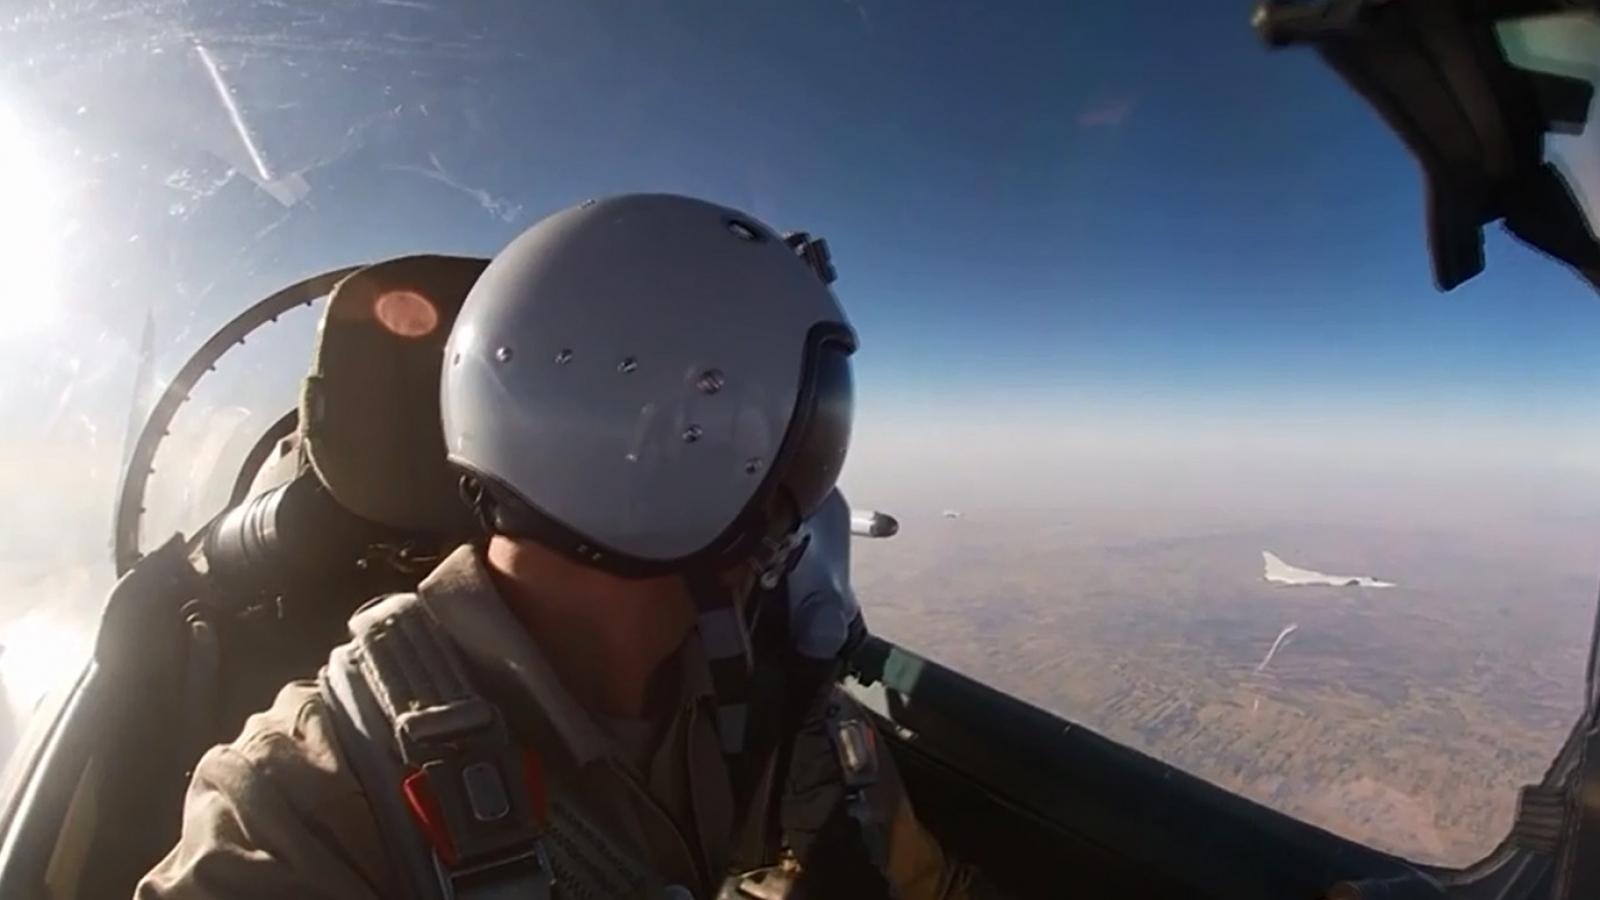 Tiêm kích MiG-31K và máy bay ném bom Tu-22M3 của Nga cùng diễn tập ở Địa Trung Hải